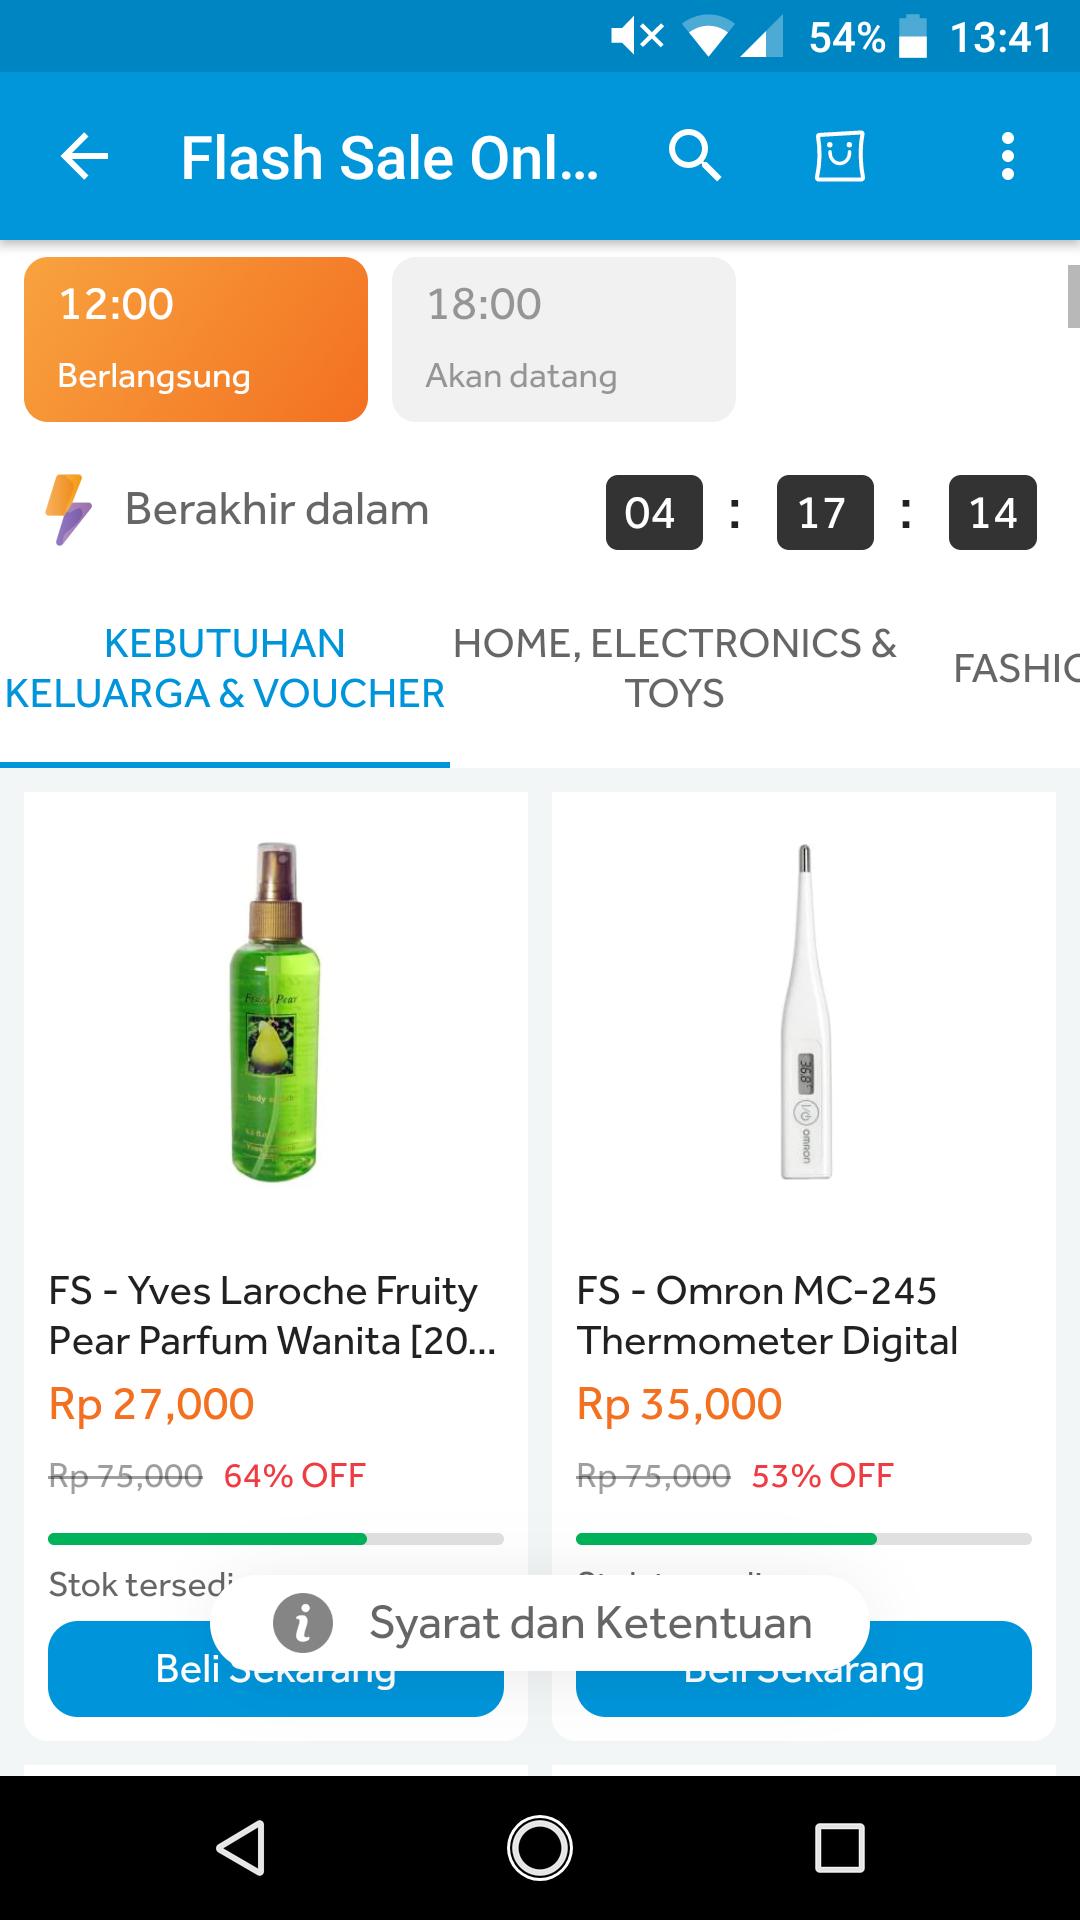 Flash Sale Harga Miring